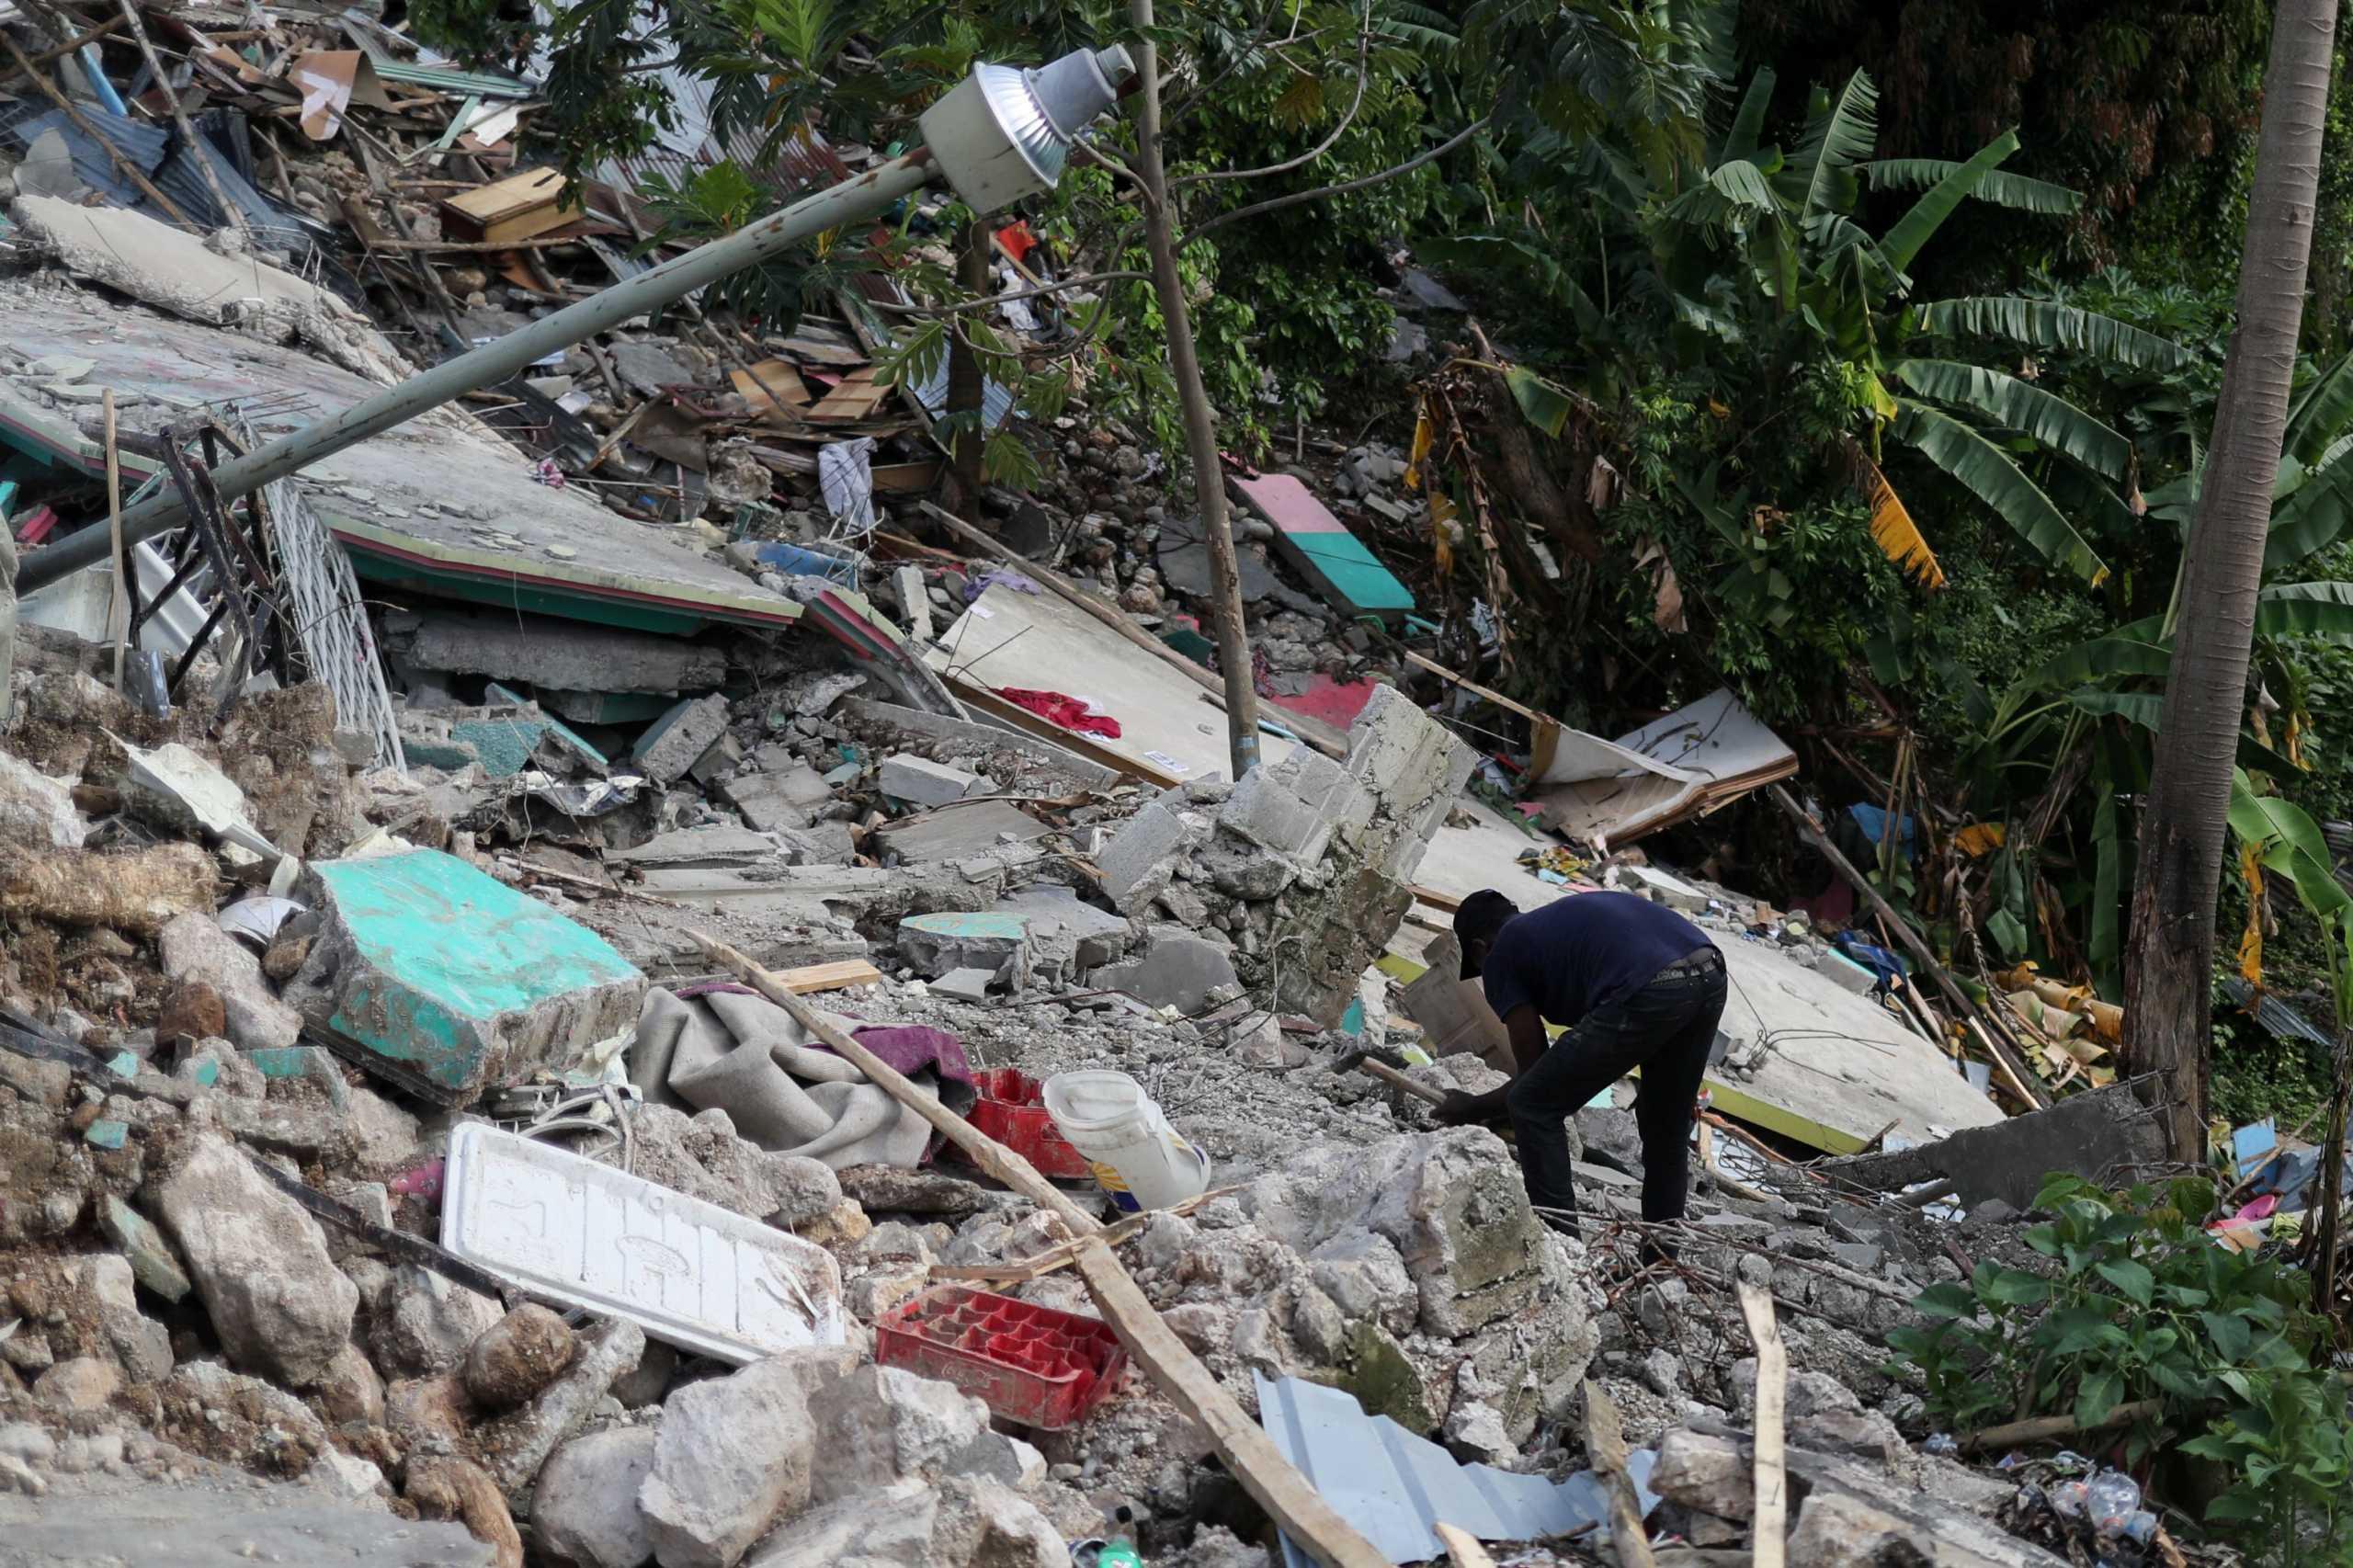 Σεισμός στην Αϊτή: Πάνω από 2.200 οι νεκροί –Συνεχίζονται οι επιχειρήσεις στα συντρίμμια